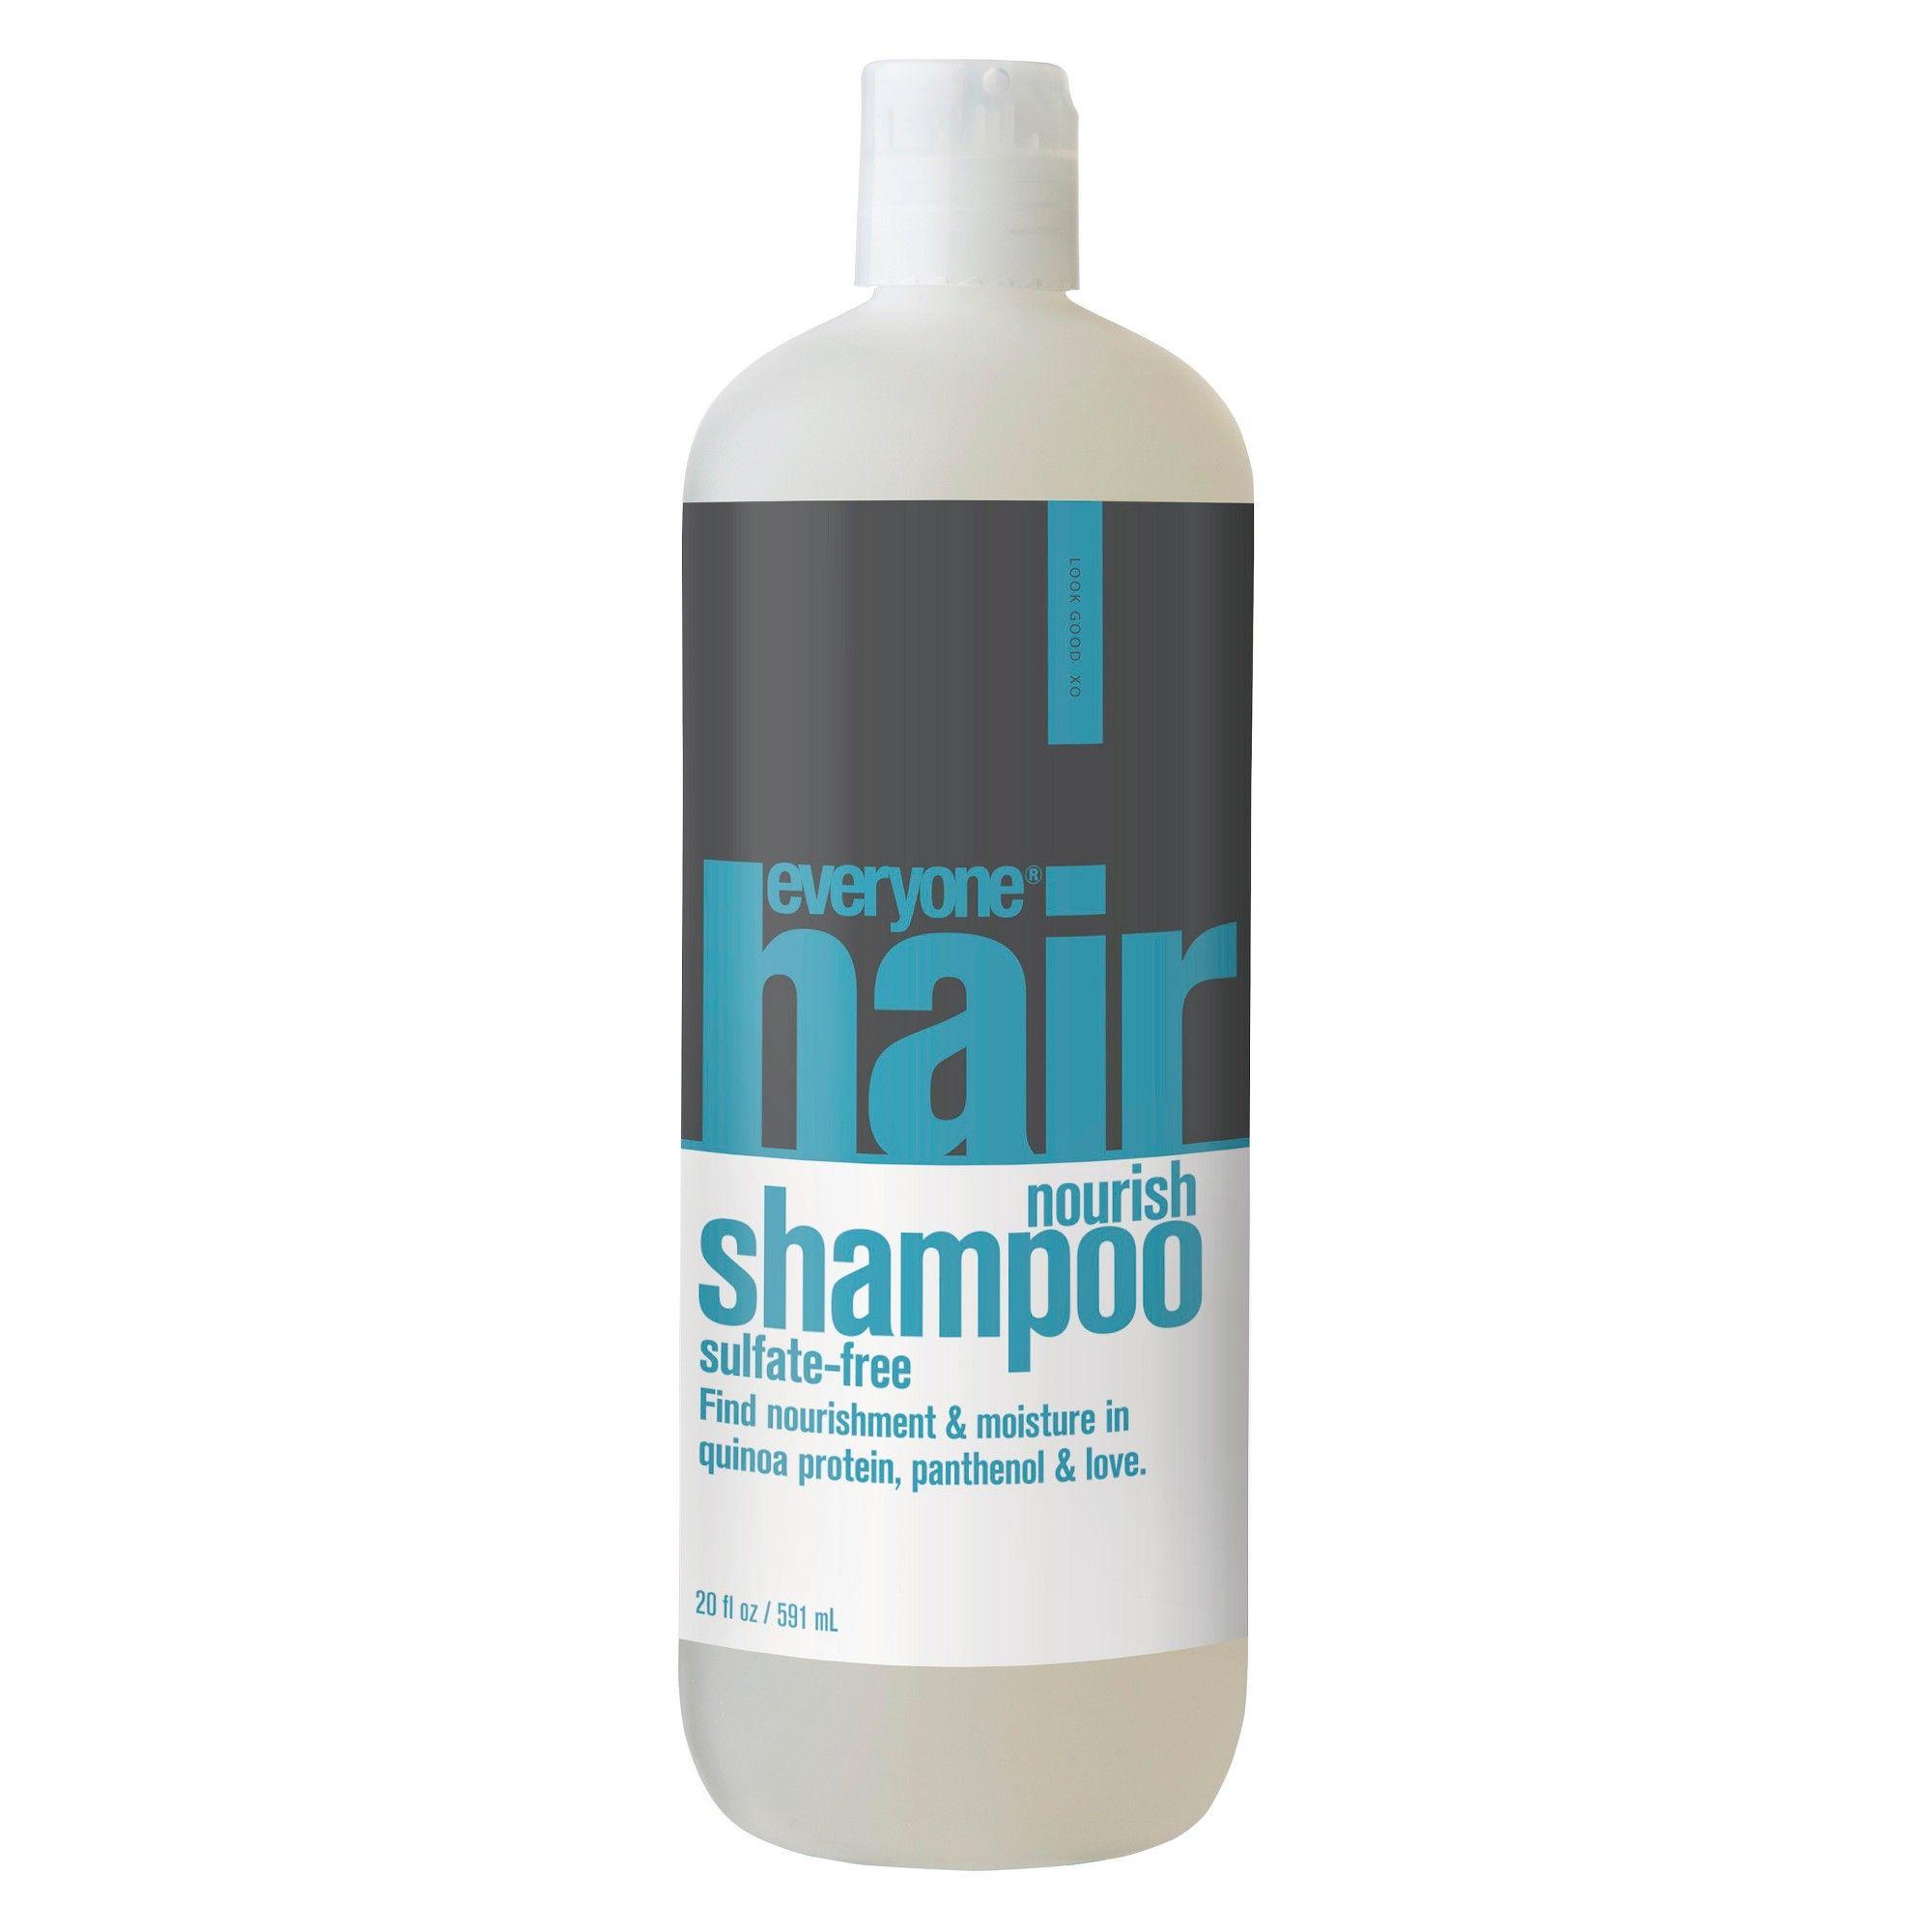 Everyone Nourish Shampoo 20.3 fl oz Nourishing shampoo